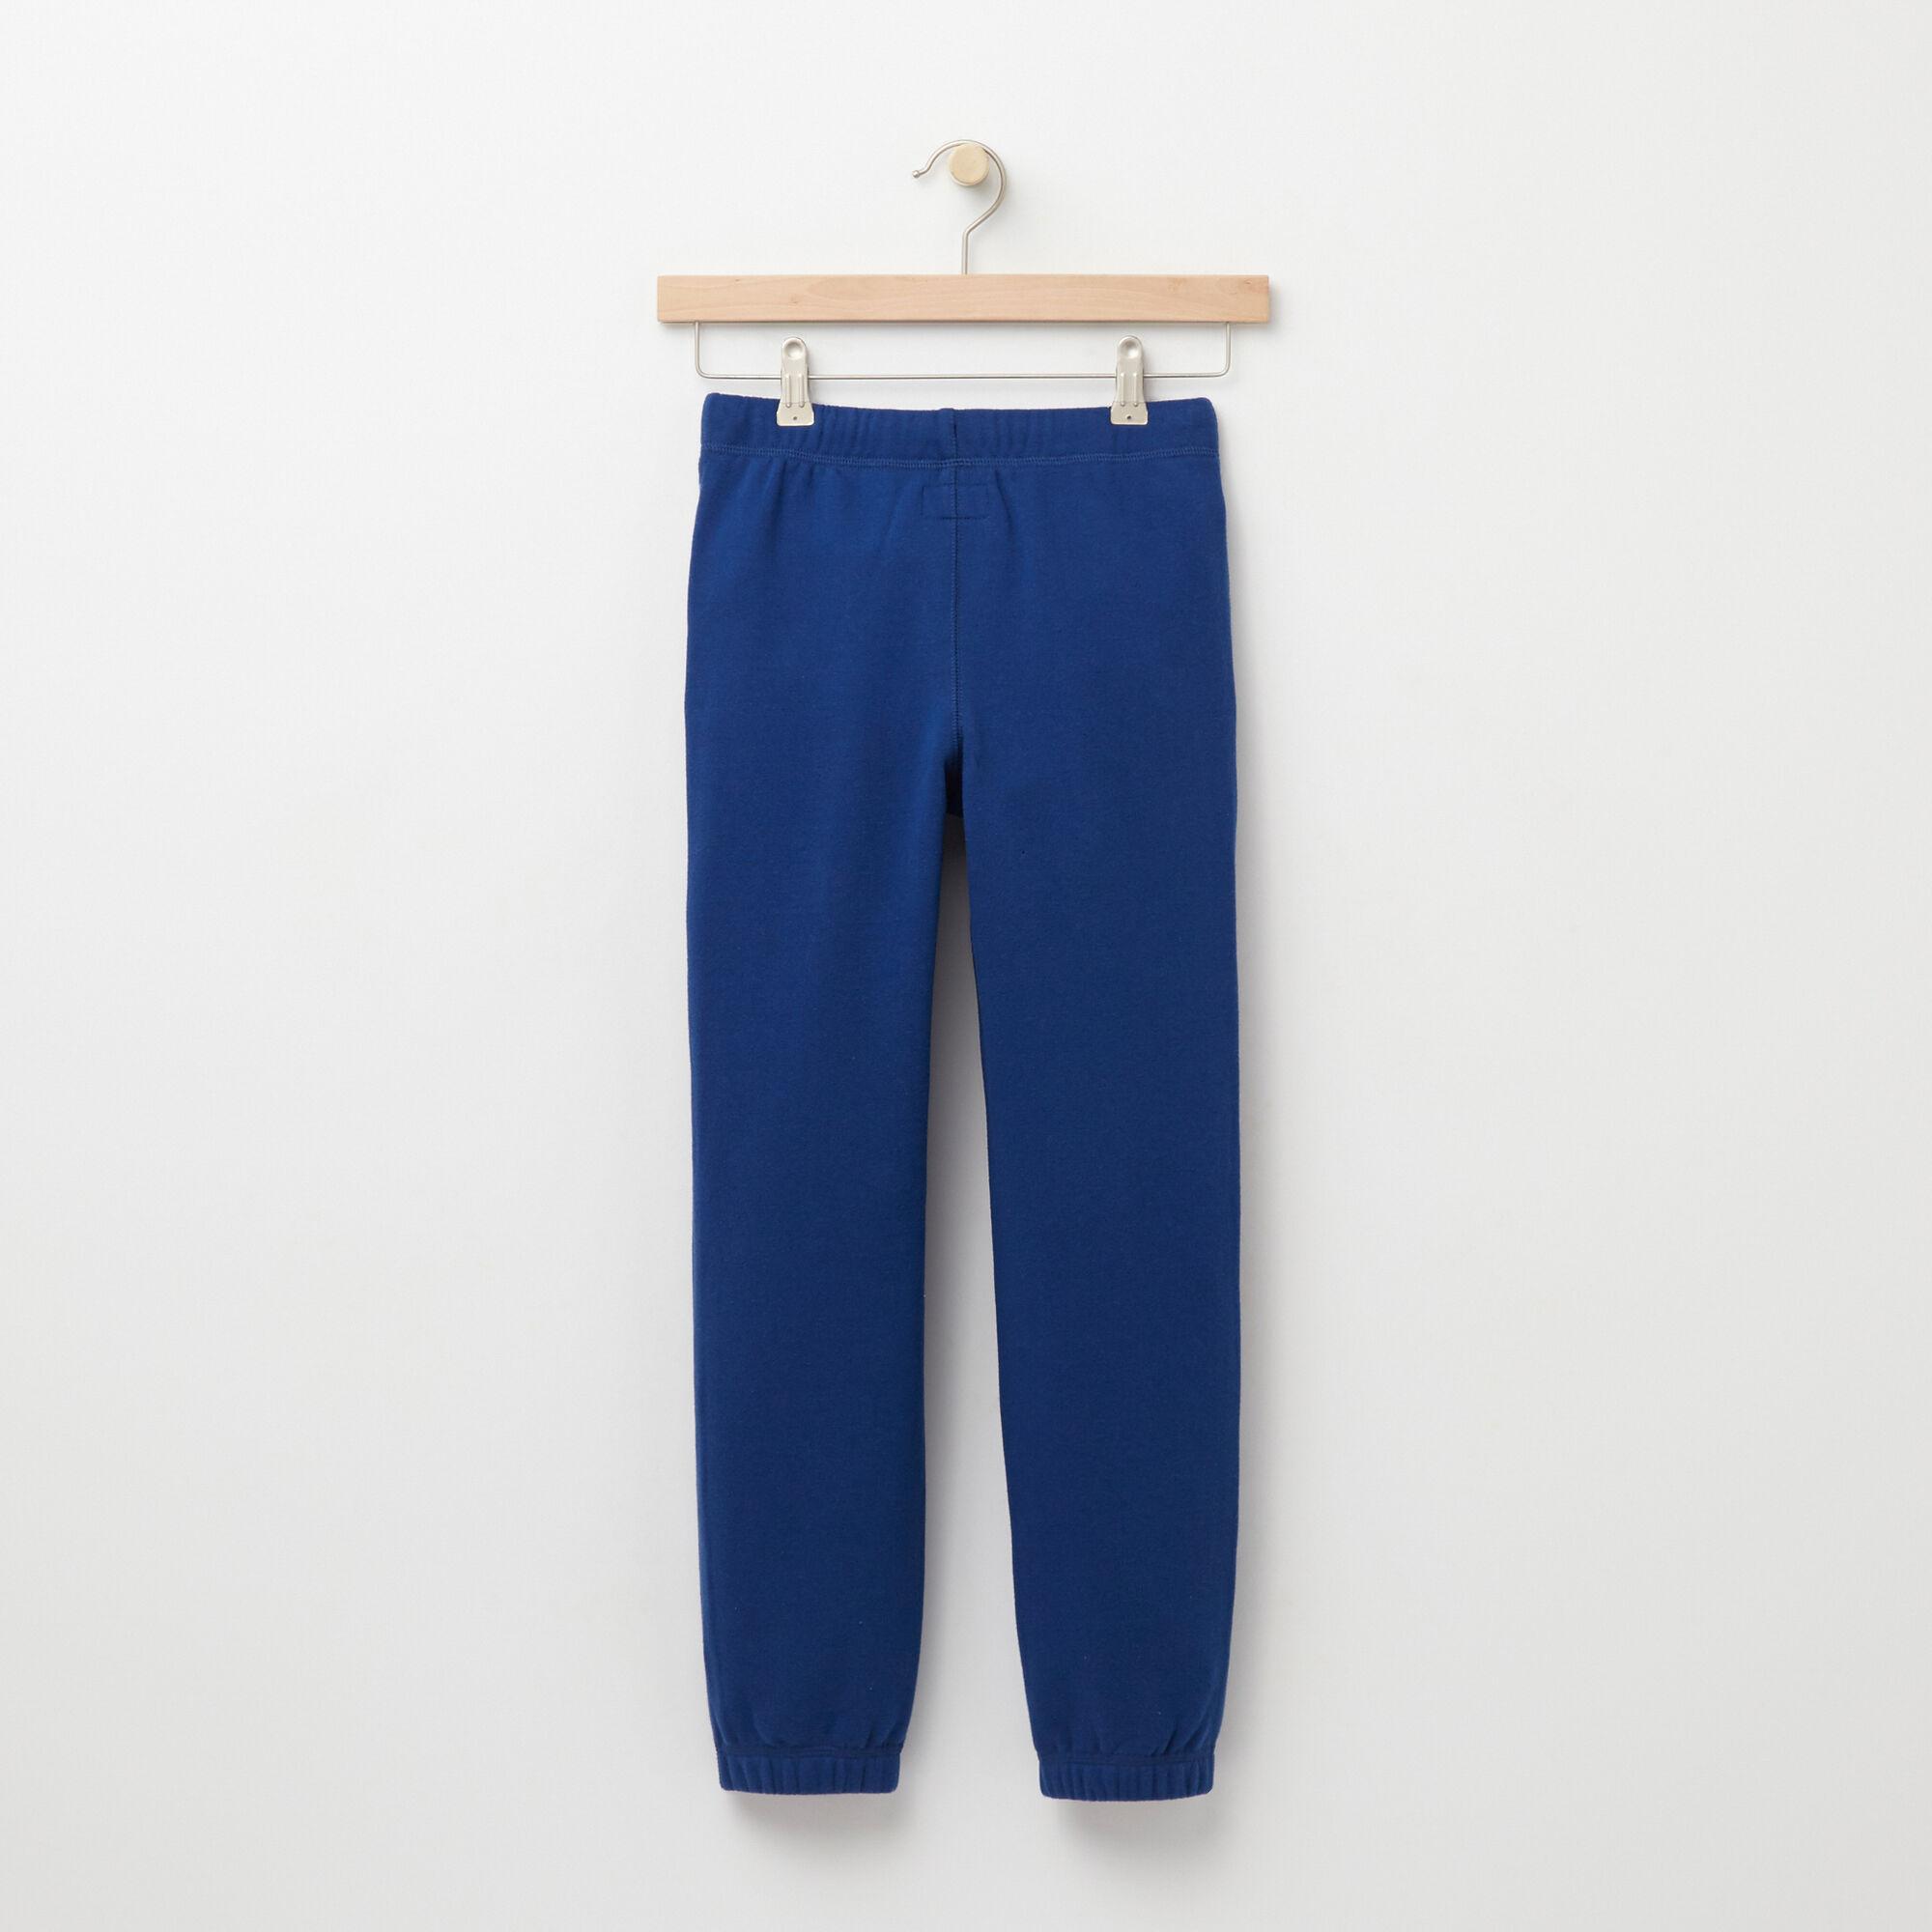 Garçons Pantalon Co Original